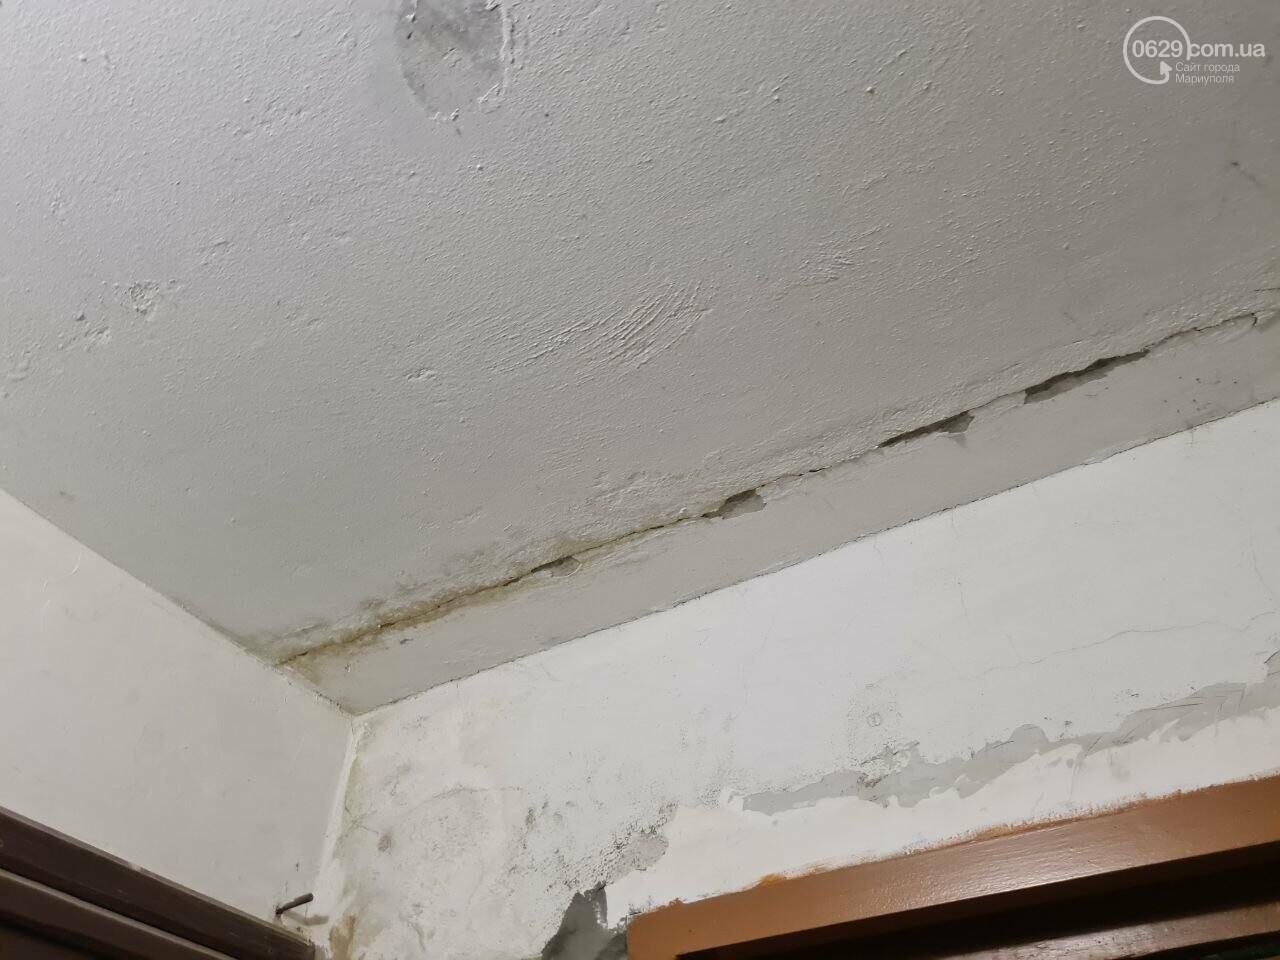 Эхо непогоды! В Мариуполе внепланово ремонтируют пострадавшую от ливня многоэтажку, - ФОТО, фото-25